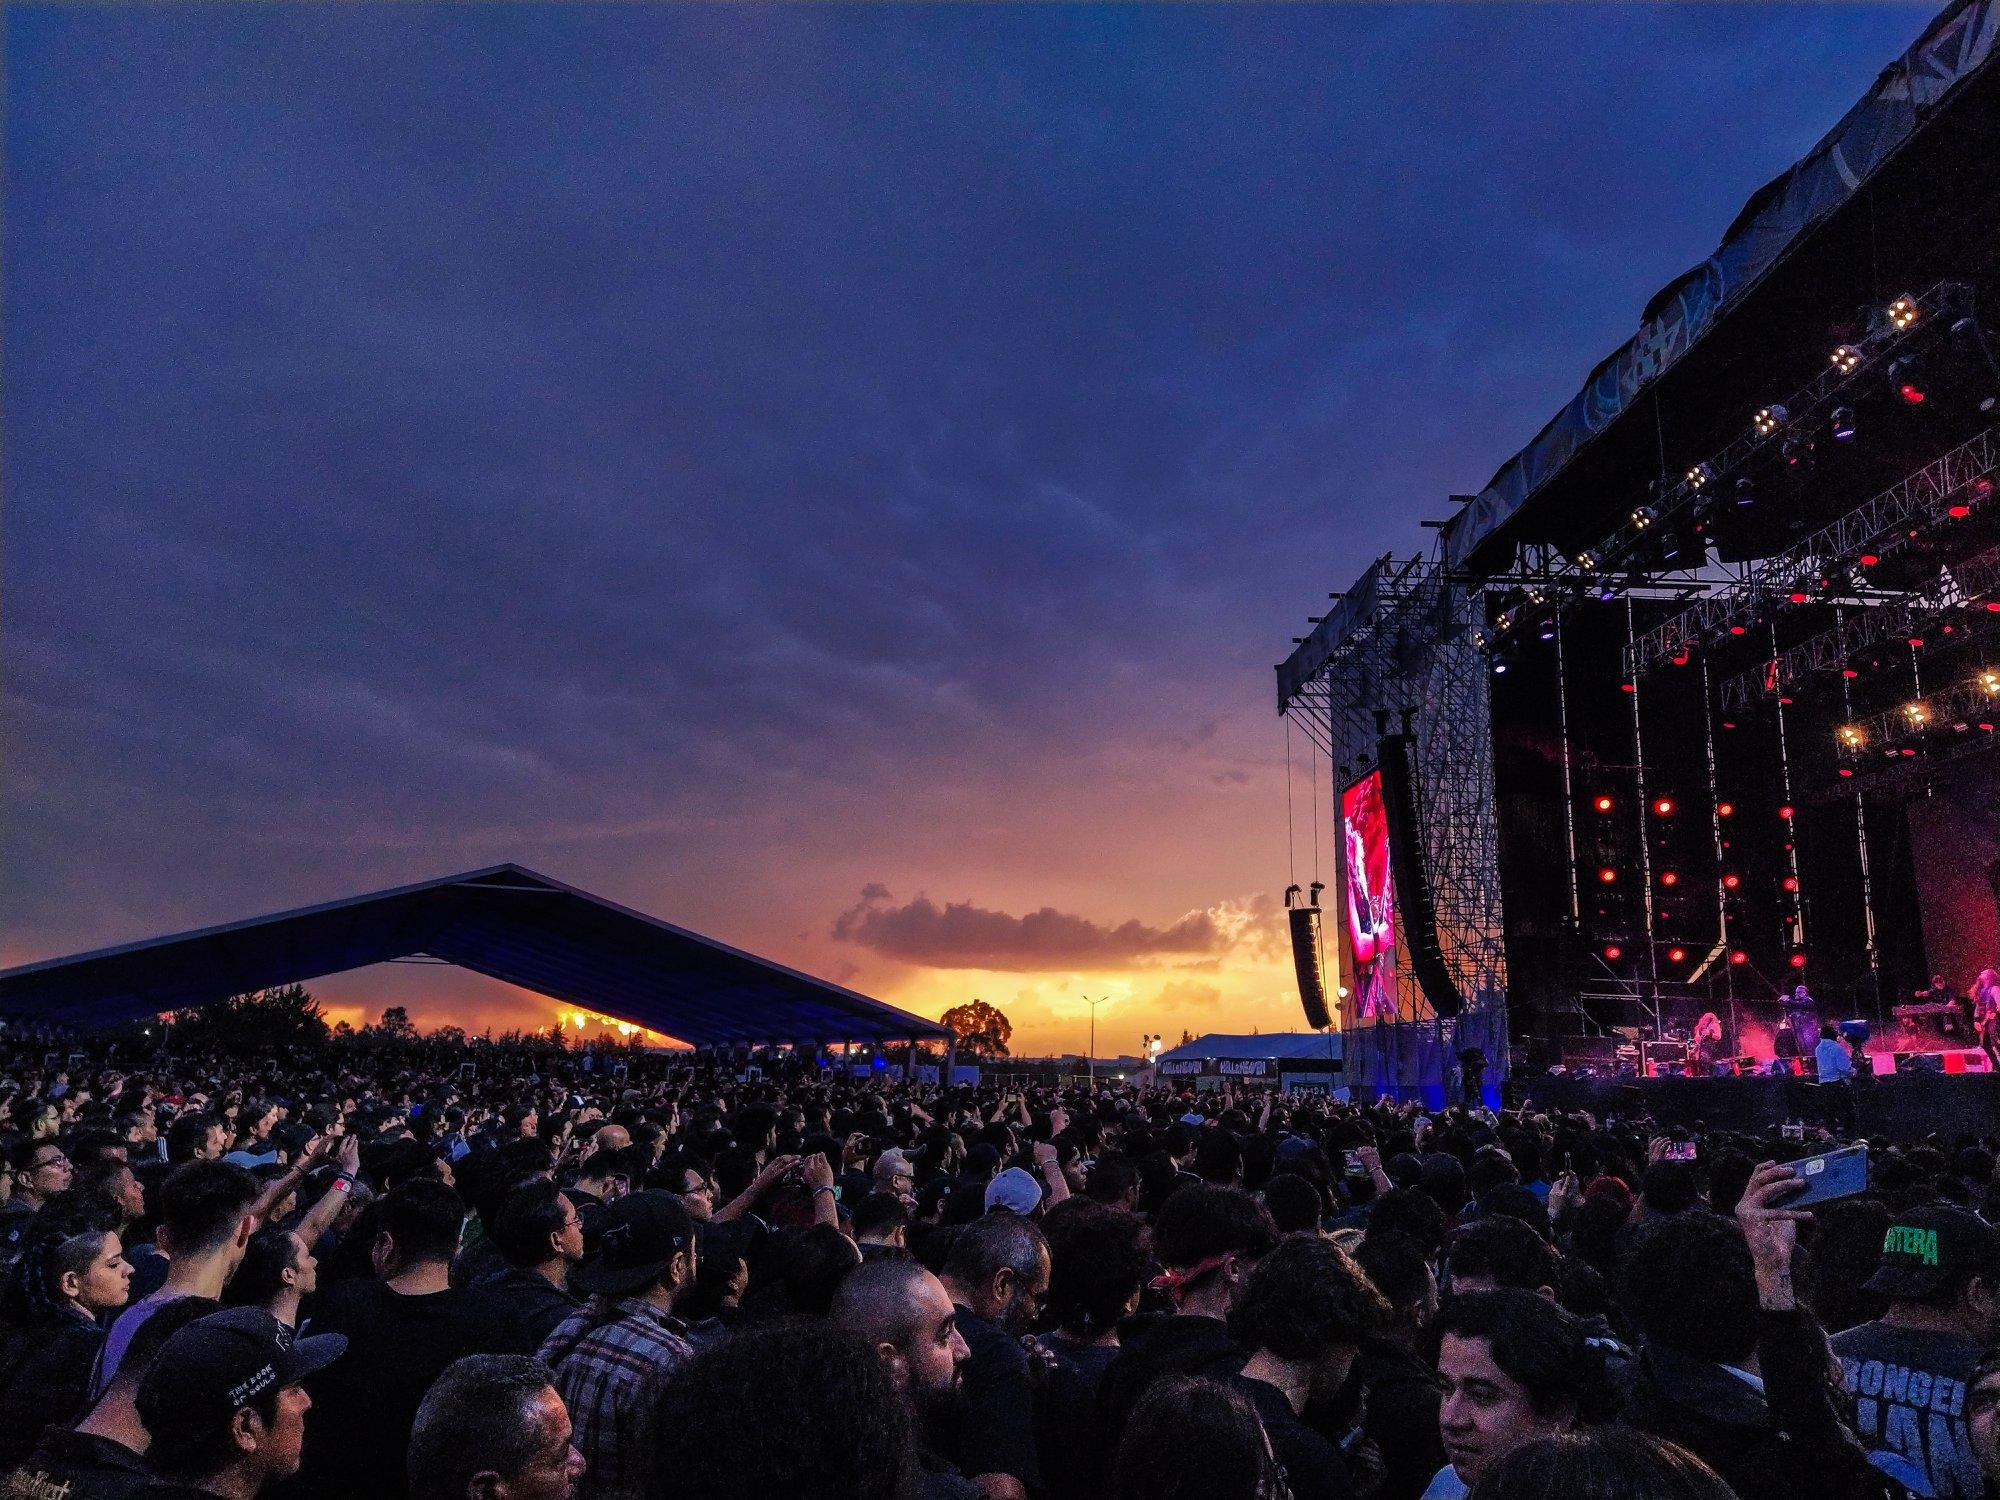 advierten-que-conciertos-y-festivales-se-haran-hasta-el-2022